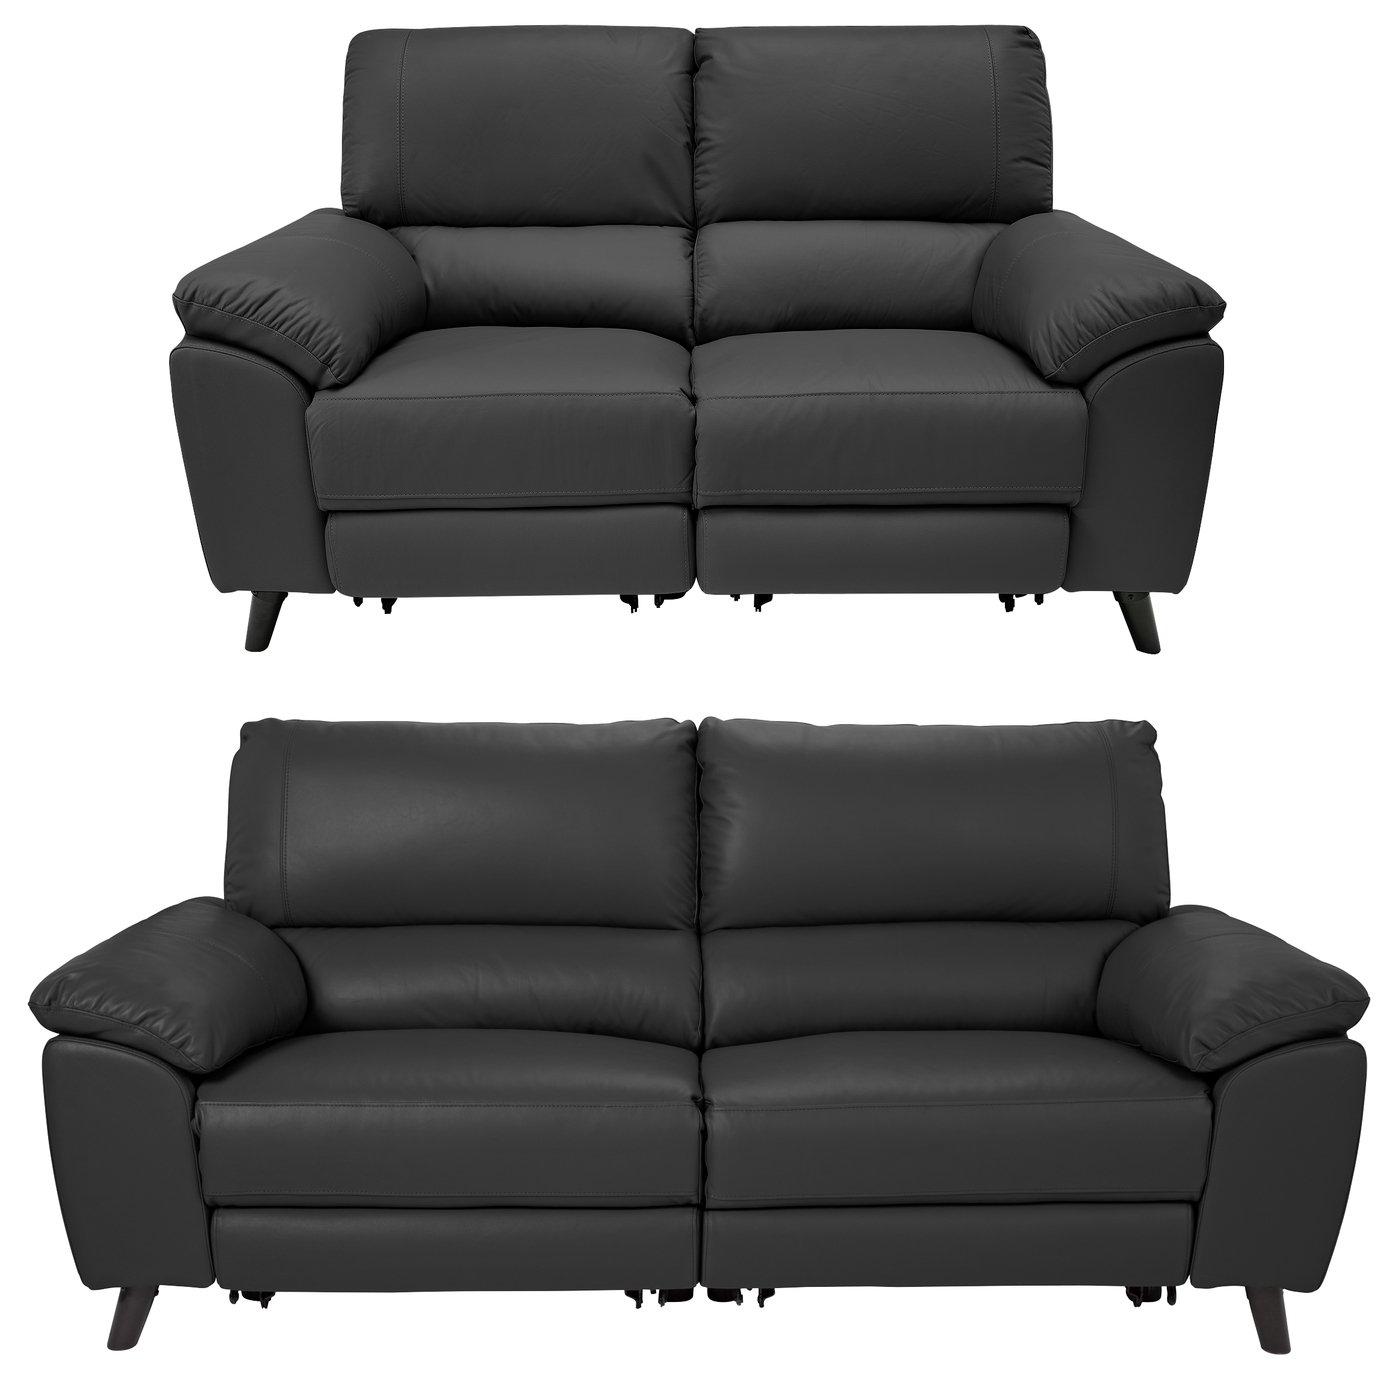 Argos Home Elliot 2 Seater & 3 Seater Recliner Sofa - Black